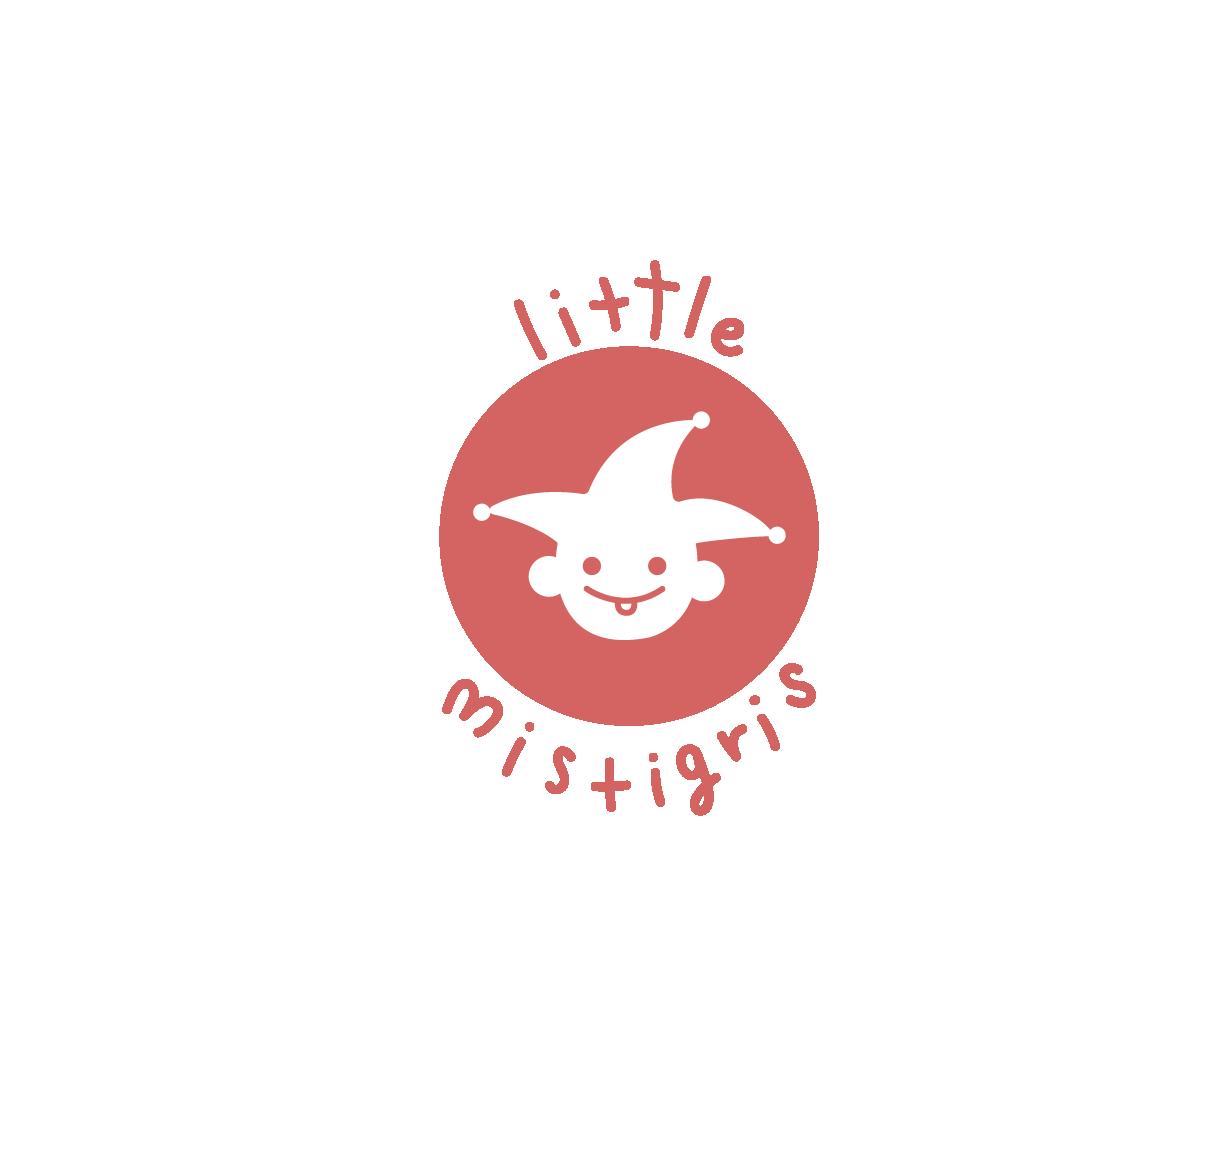 LittleMistigris_logo3-06.png